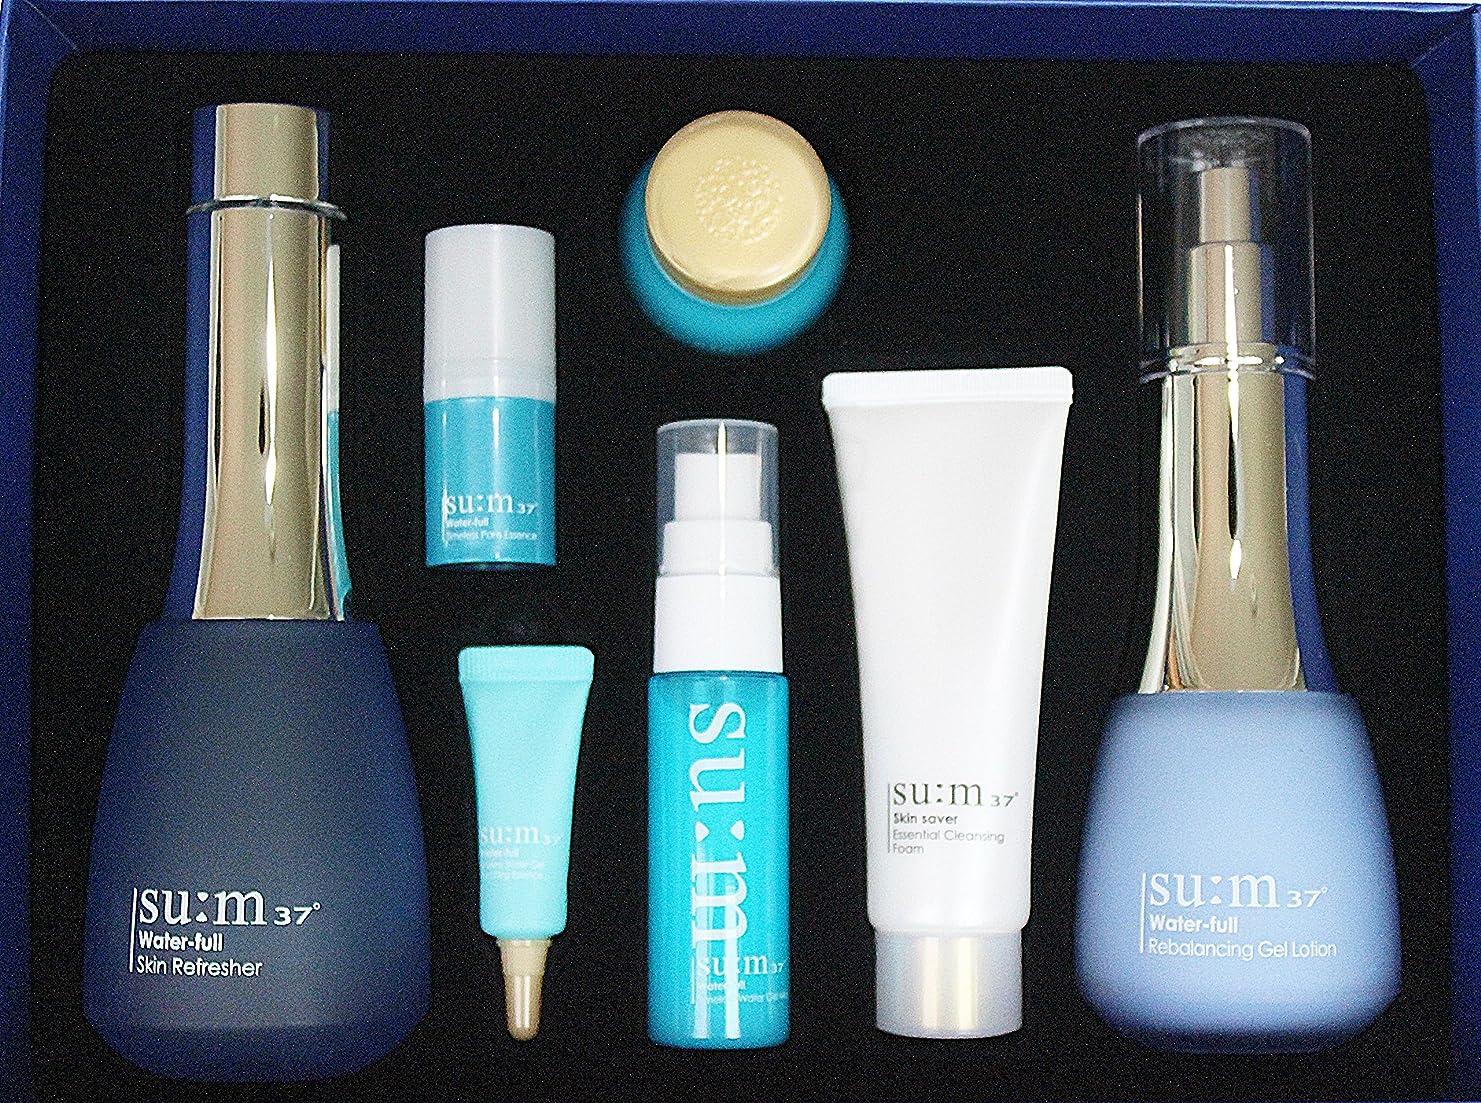 破滅急いでジェスチャーLG Su:m 37 Water-full 2-Piece Special Limited Gift Set 2016 New Version (Skin, Lotion)